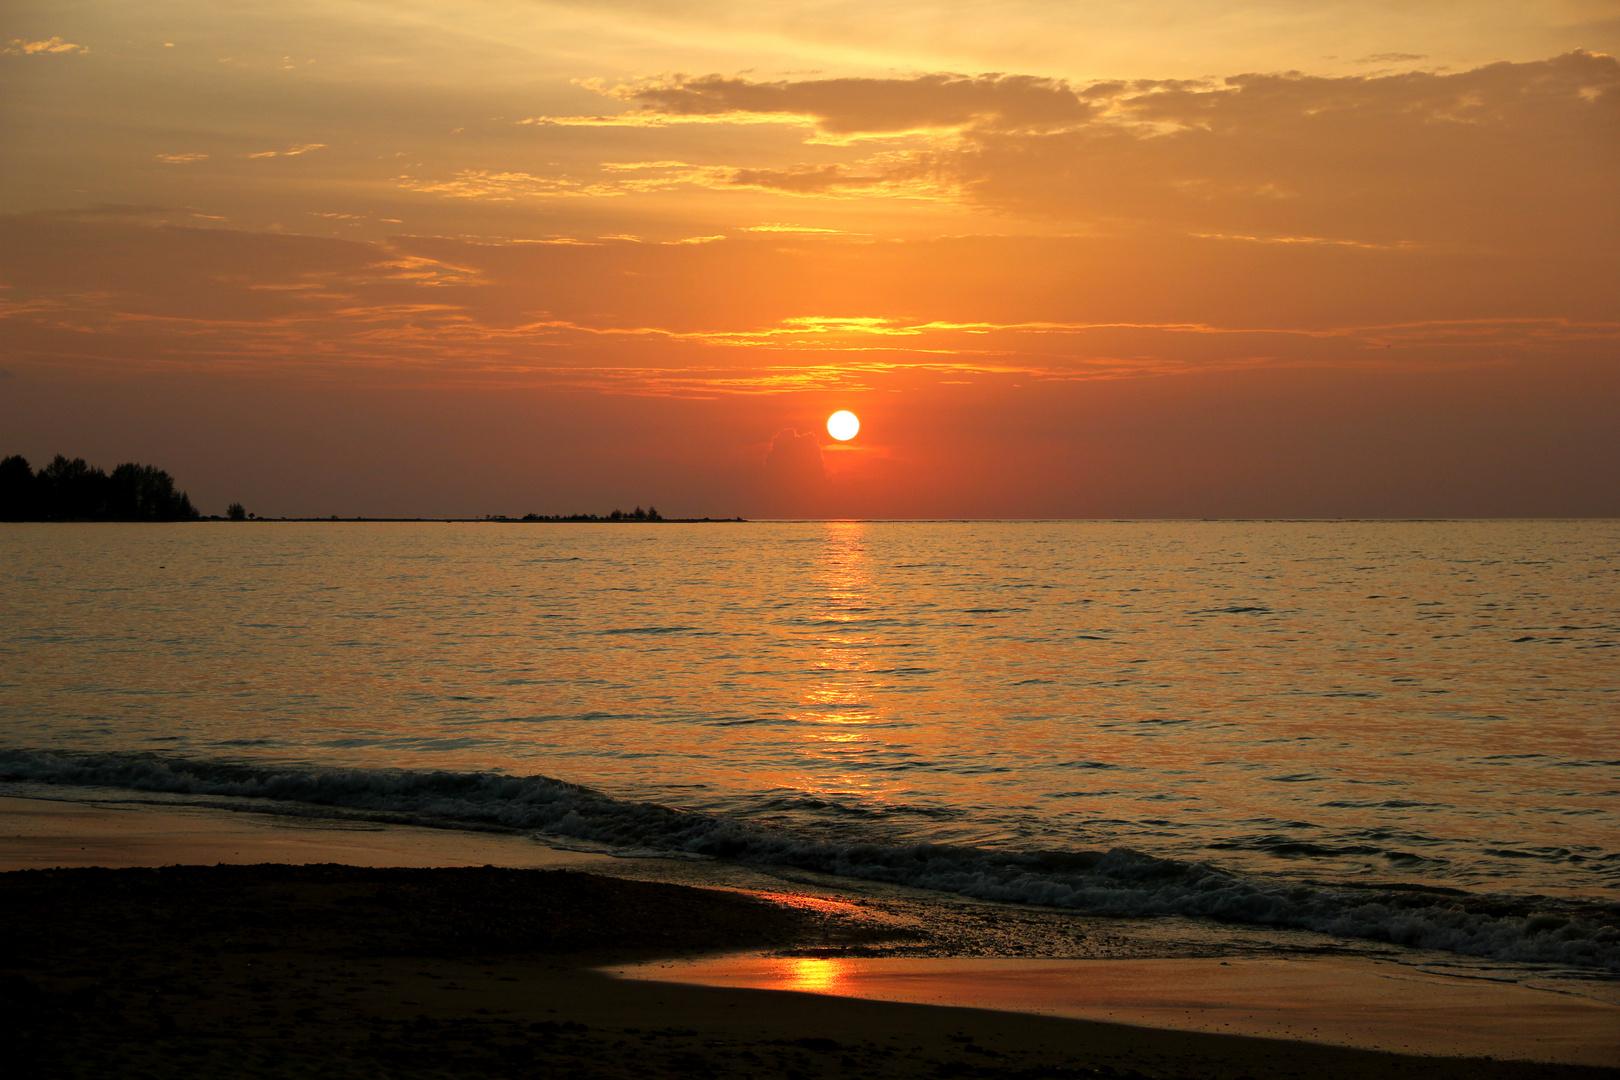 Und noch ein Sonnenuntergang...